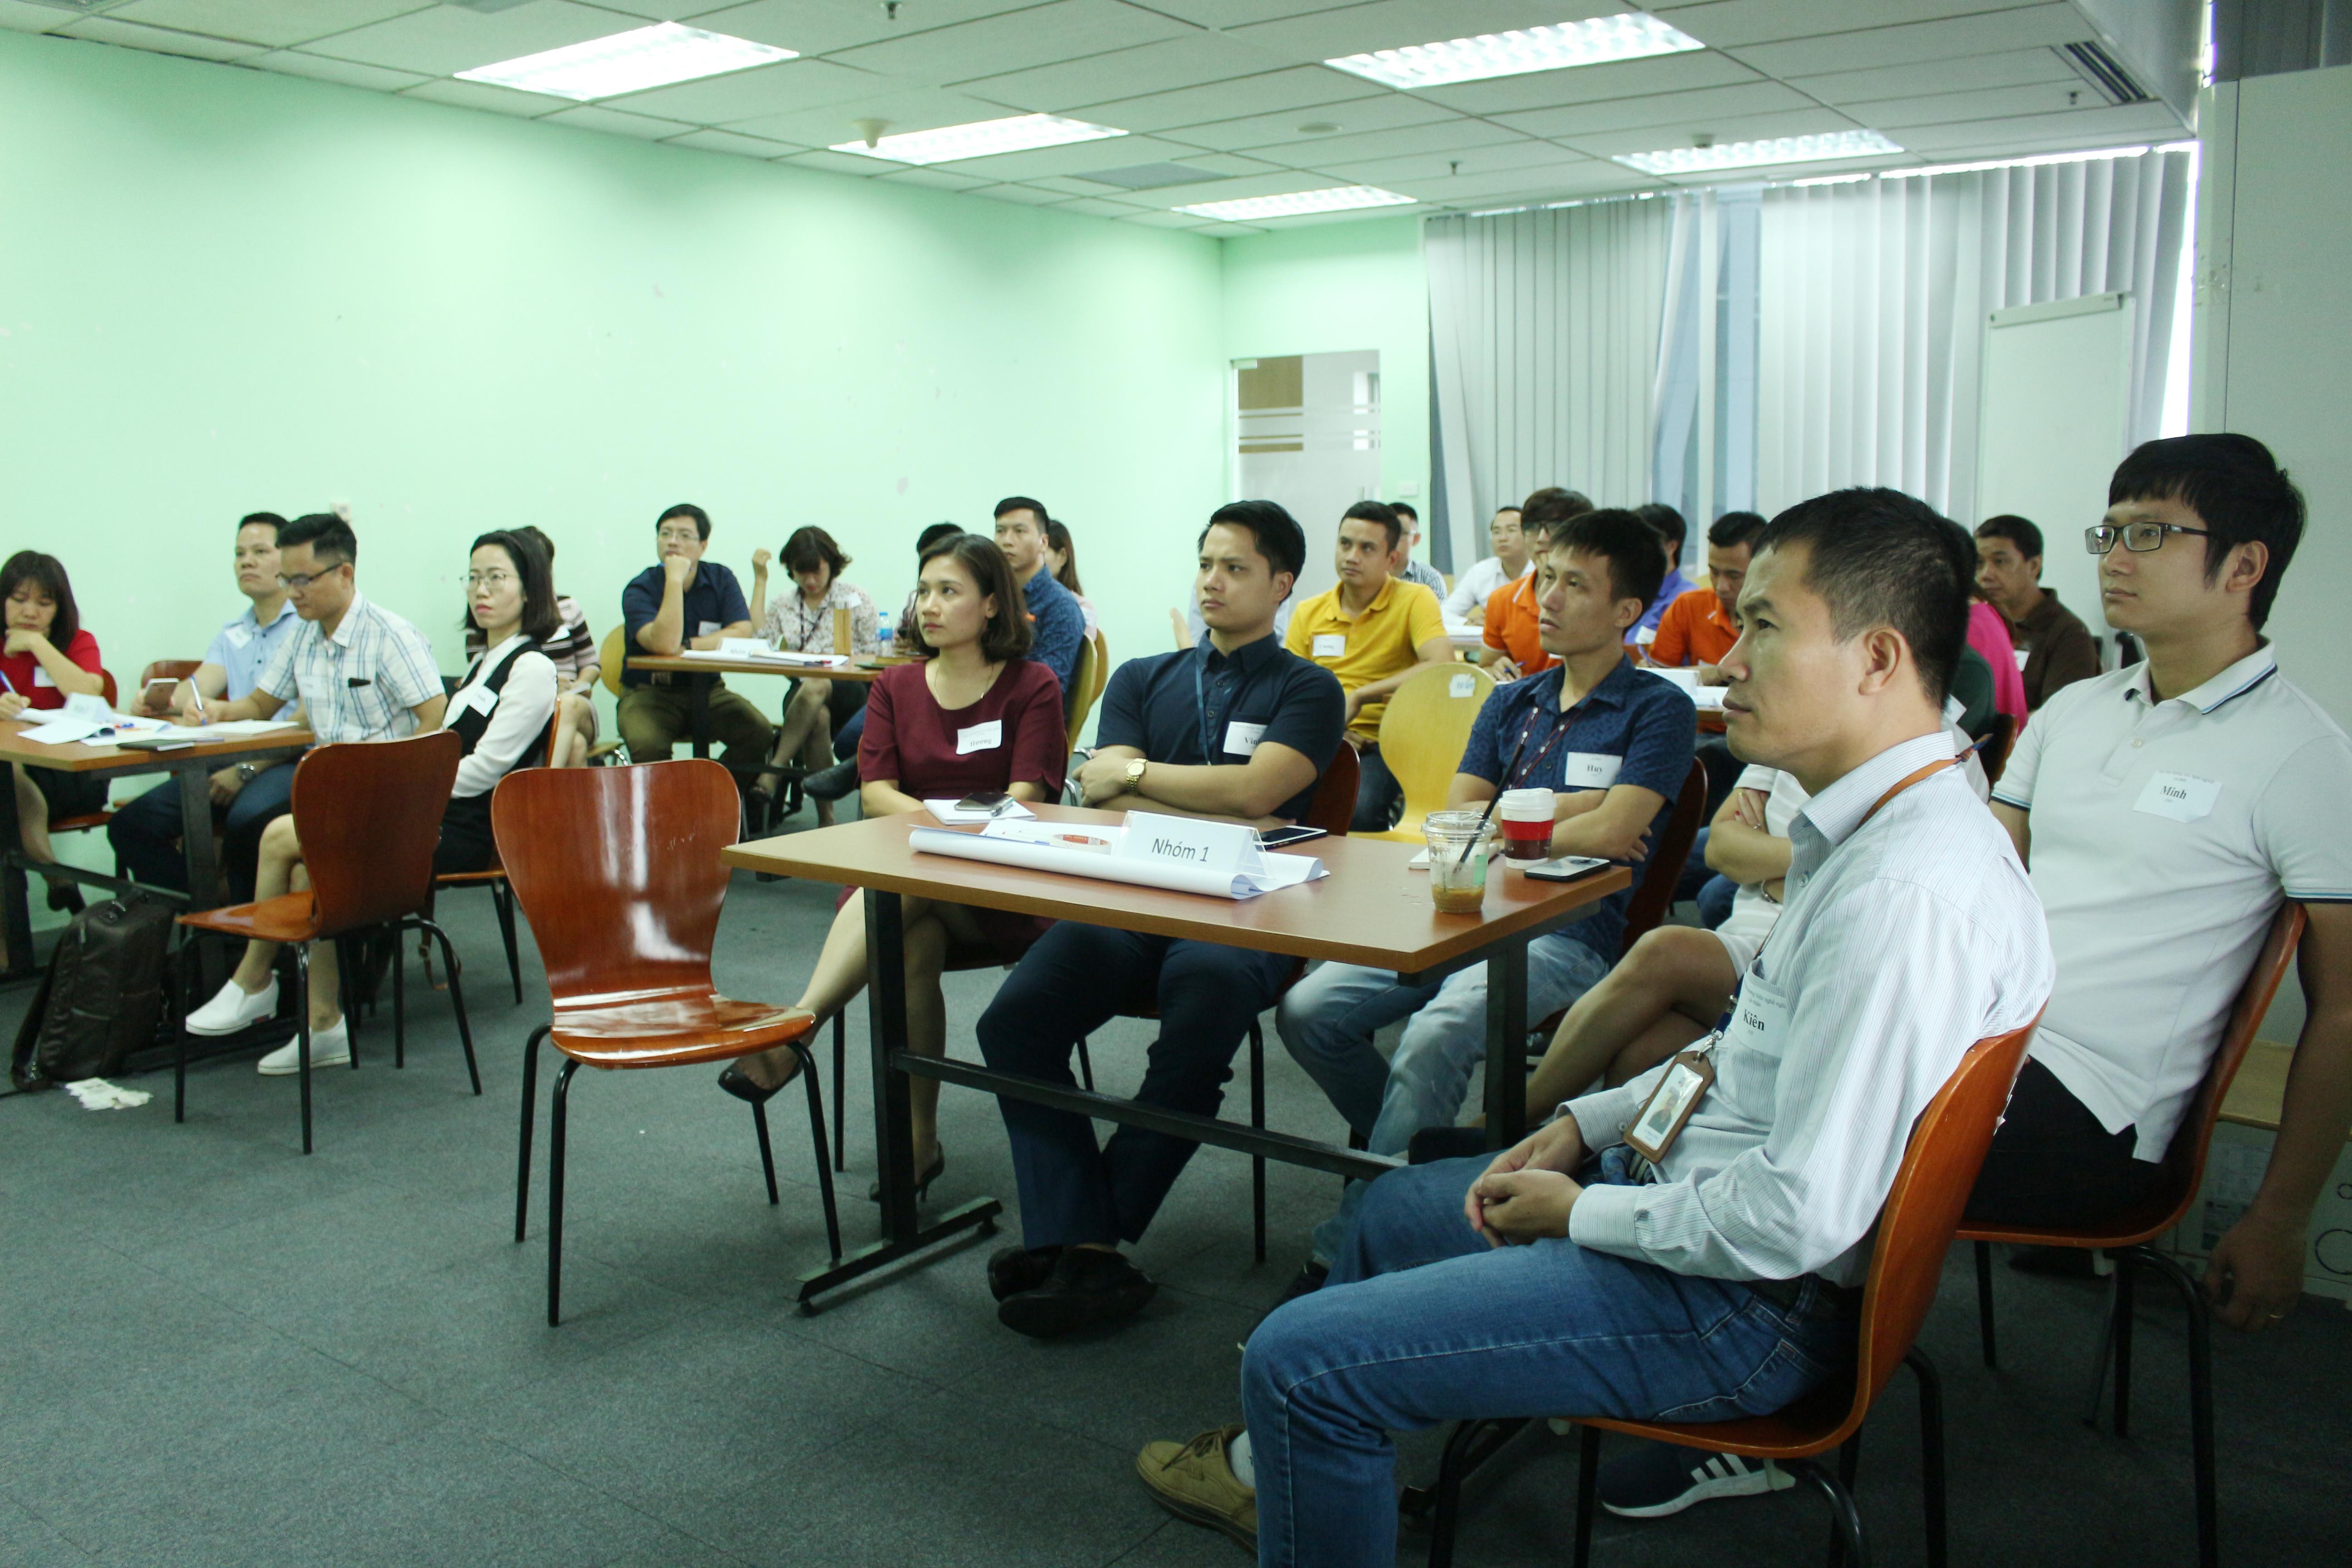 """Sáng 21/11, 30 cán bộ từ level 4 trở lên thuộc các đơn vị trong tập đoàn đã tham gia khoá học MOOCs Radar chart với chủ đề """"Phát triển thương hiệu nghề nghiệp cá nhân"""" tại phòng đào tạo tầng 14, tòa nhà FPT Cầu Giấy, Hà Nội."""